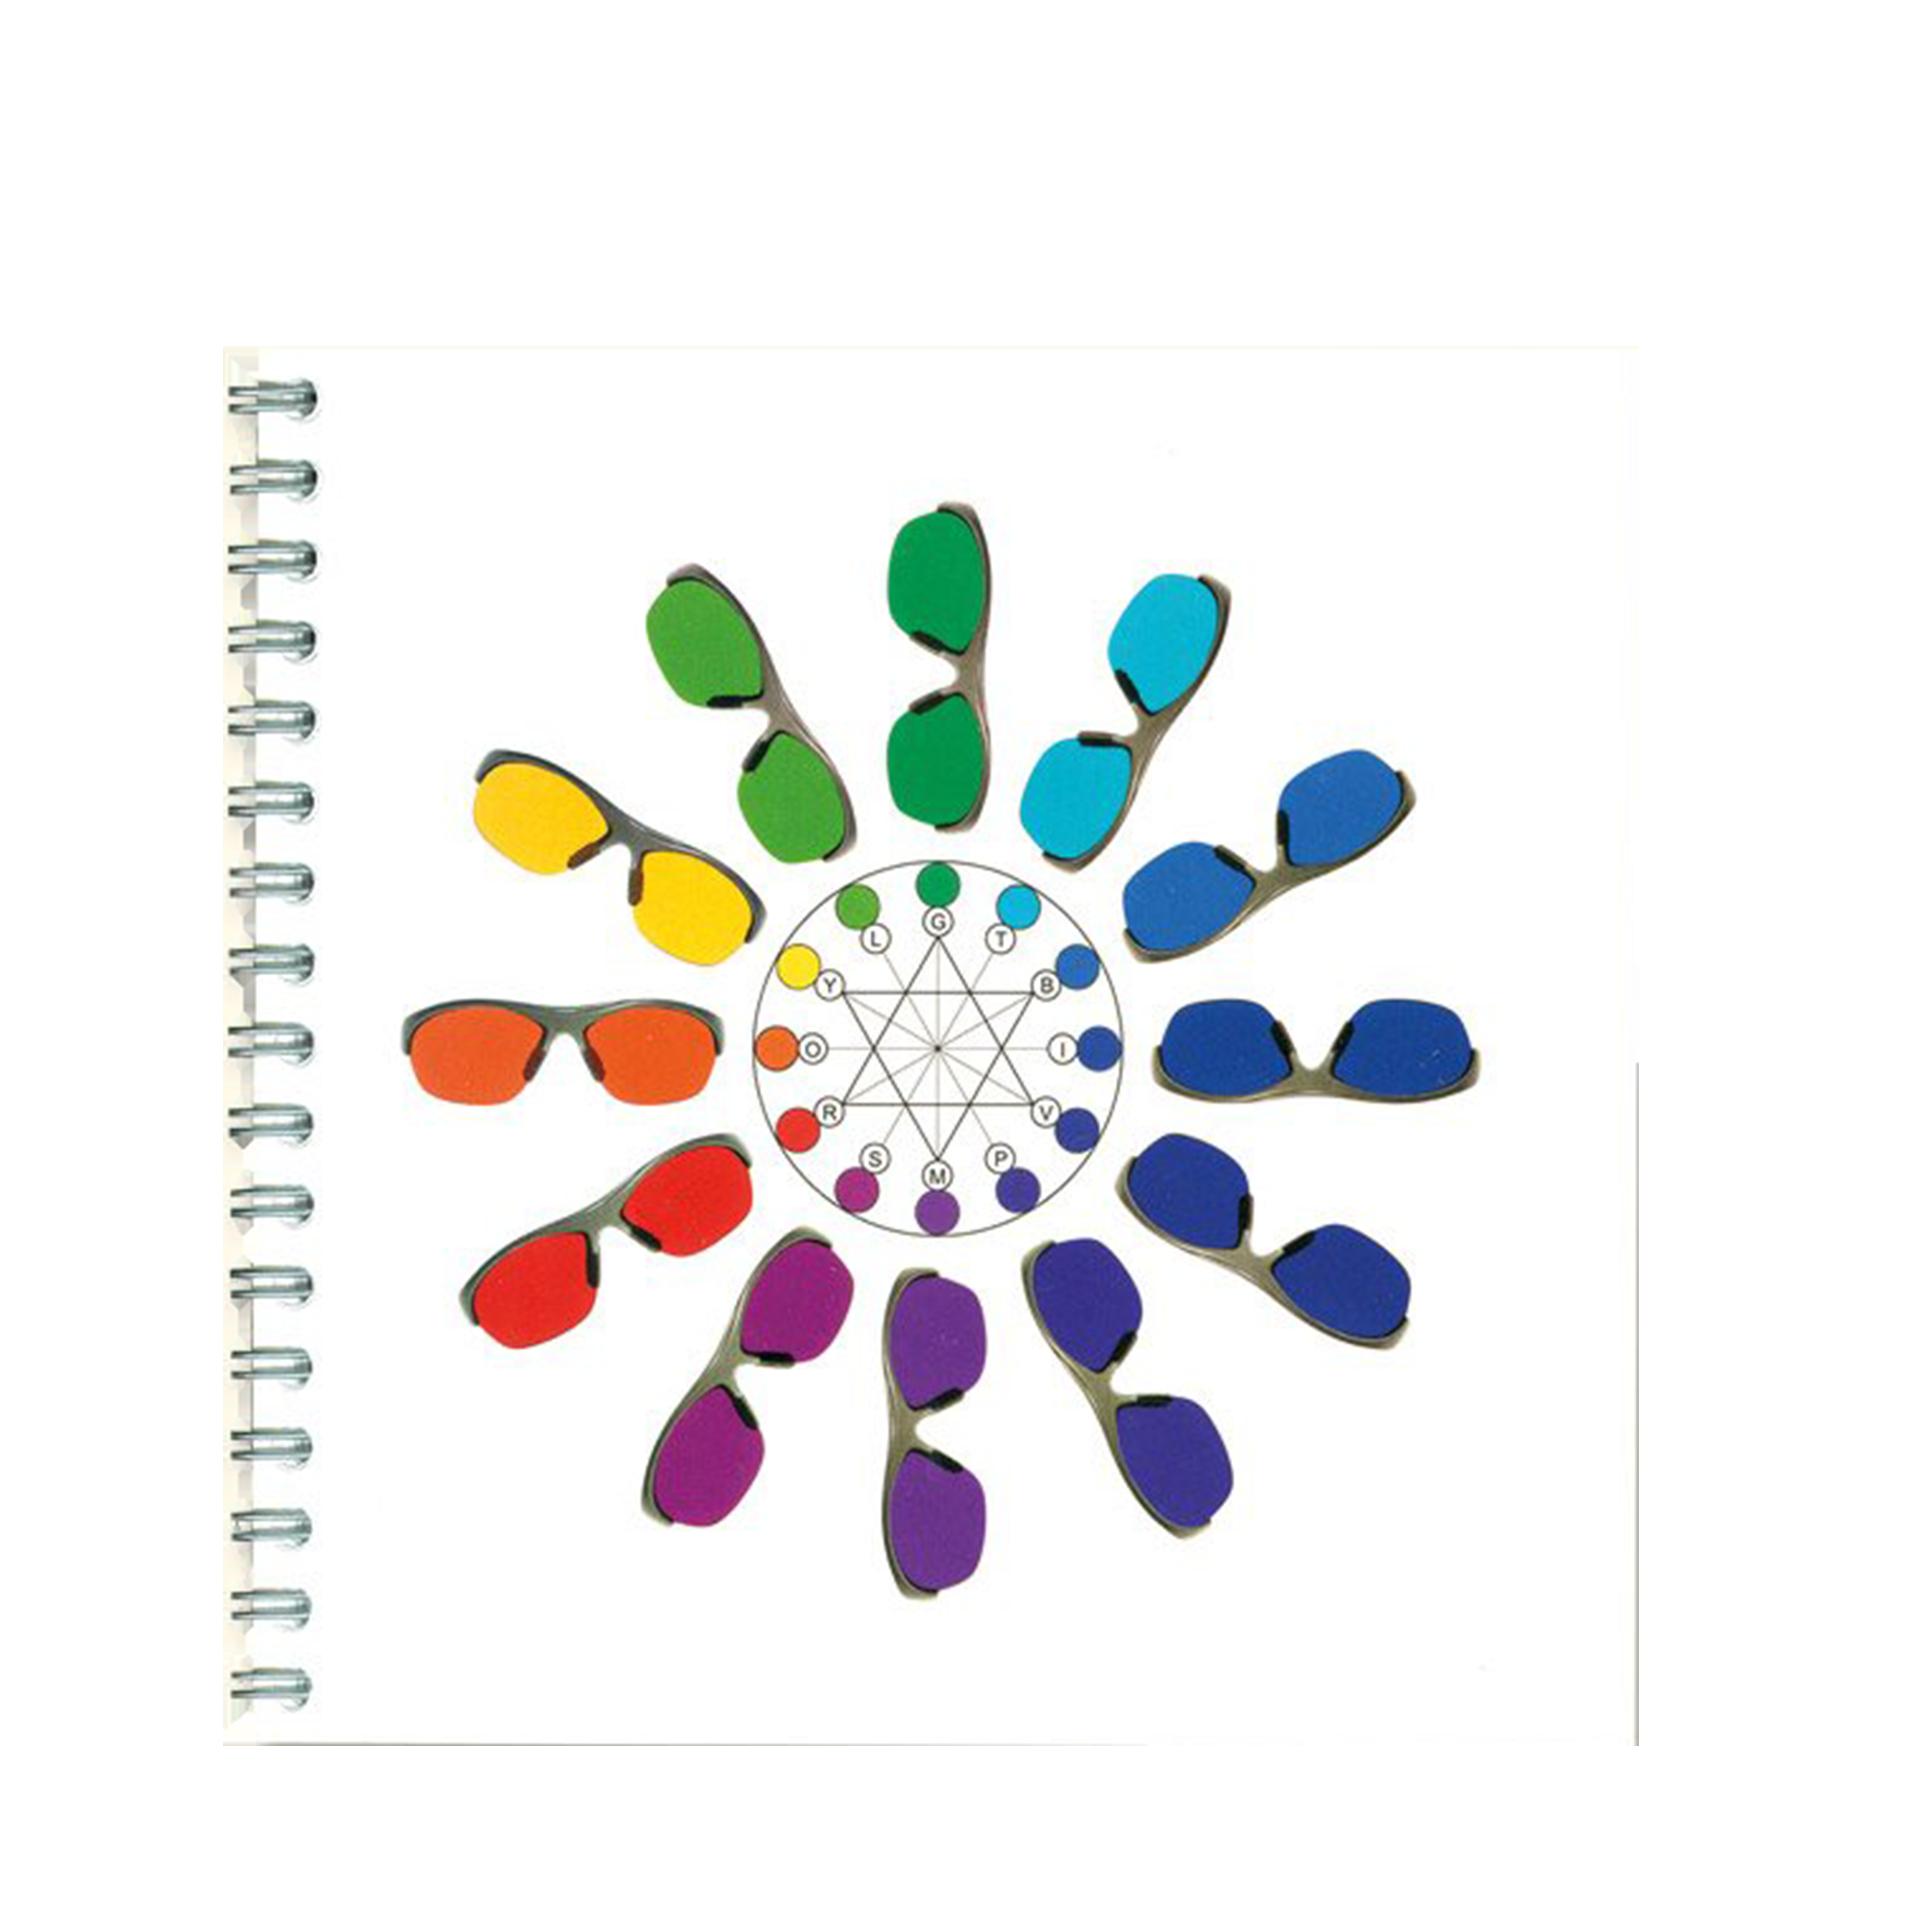 Handbuch: SpektroChrom - Farbbrillen, 96 Seiten